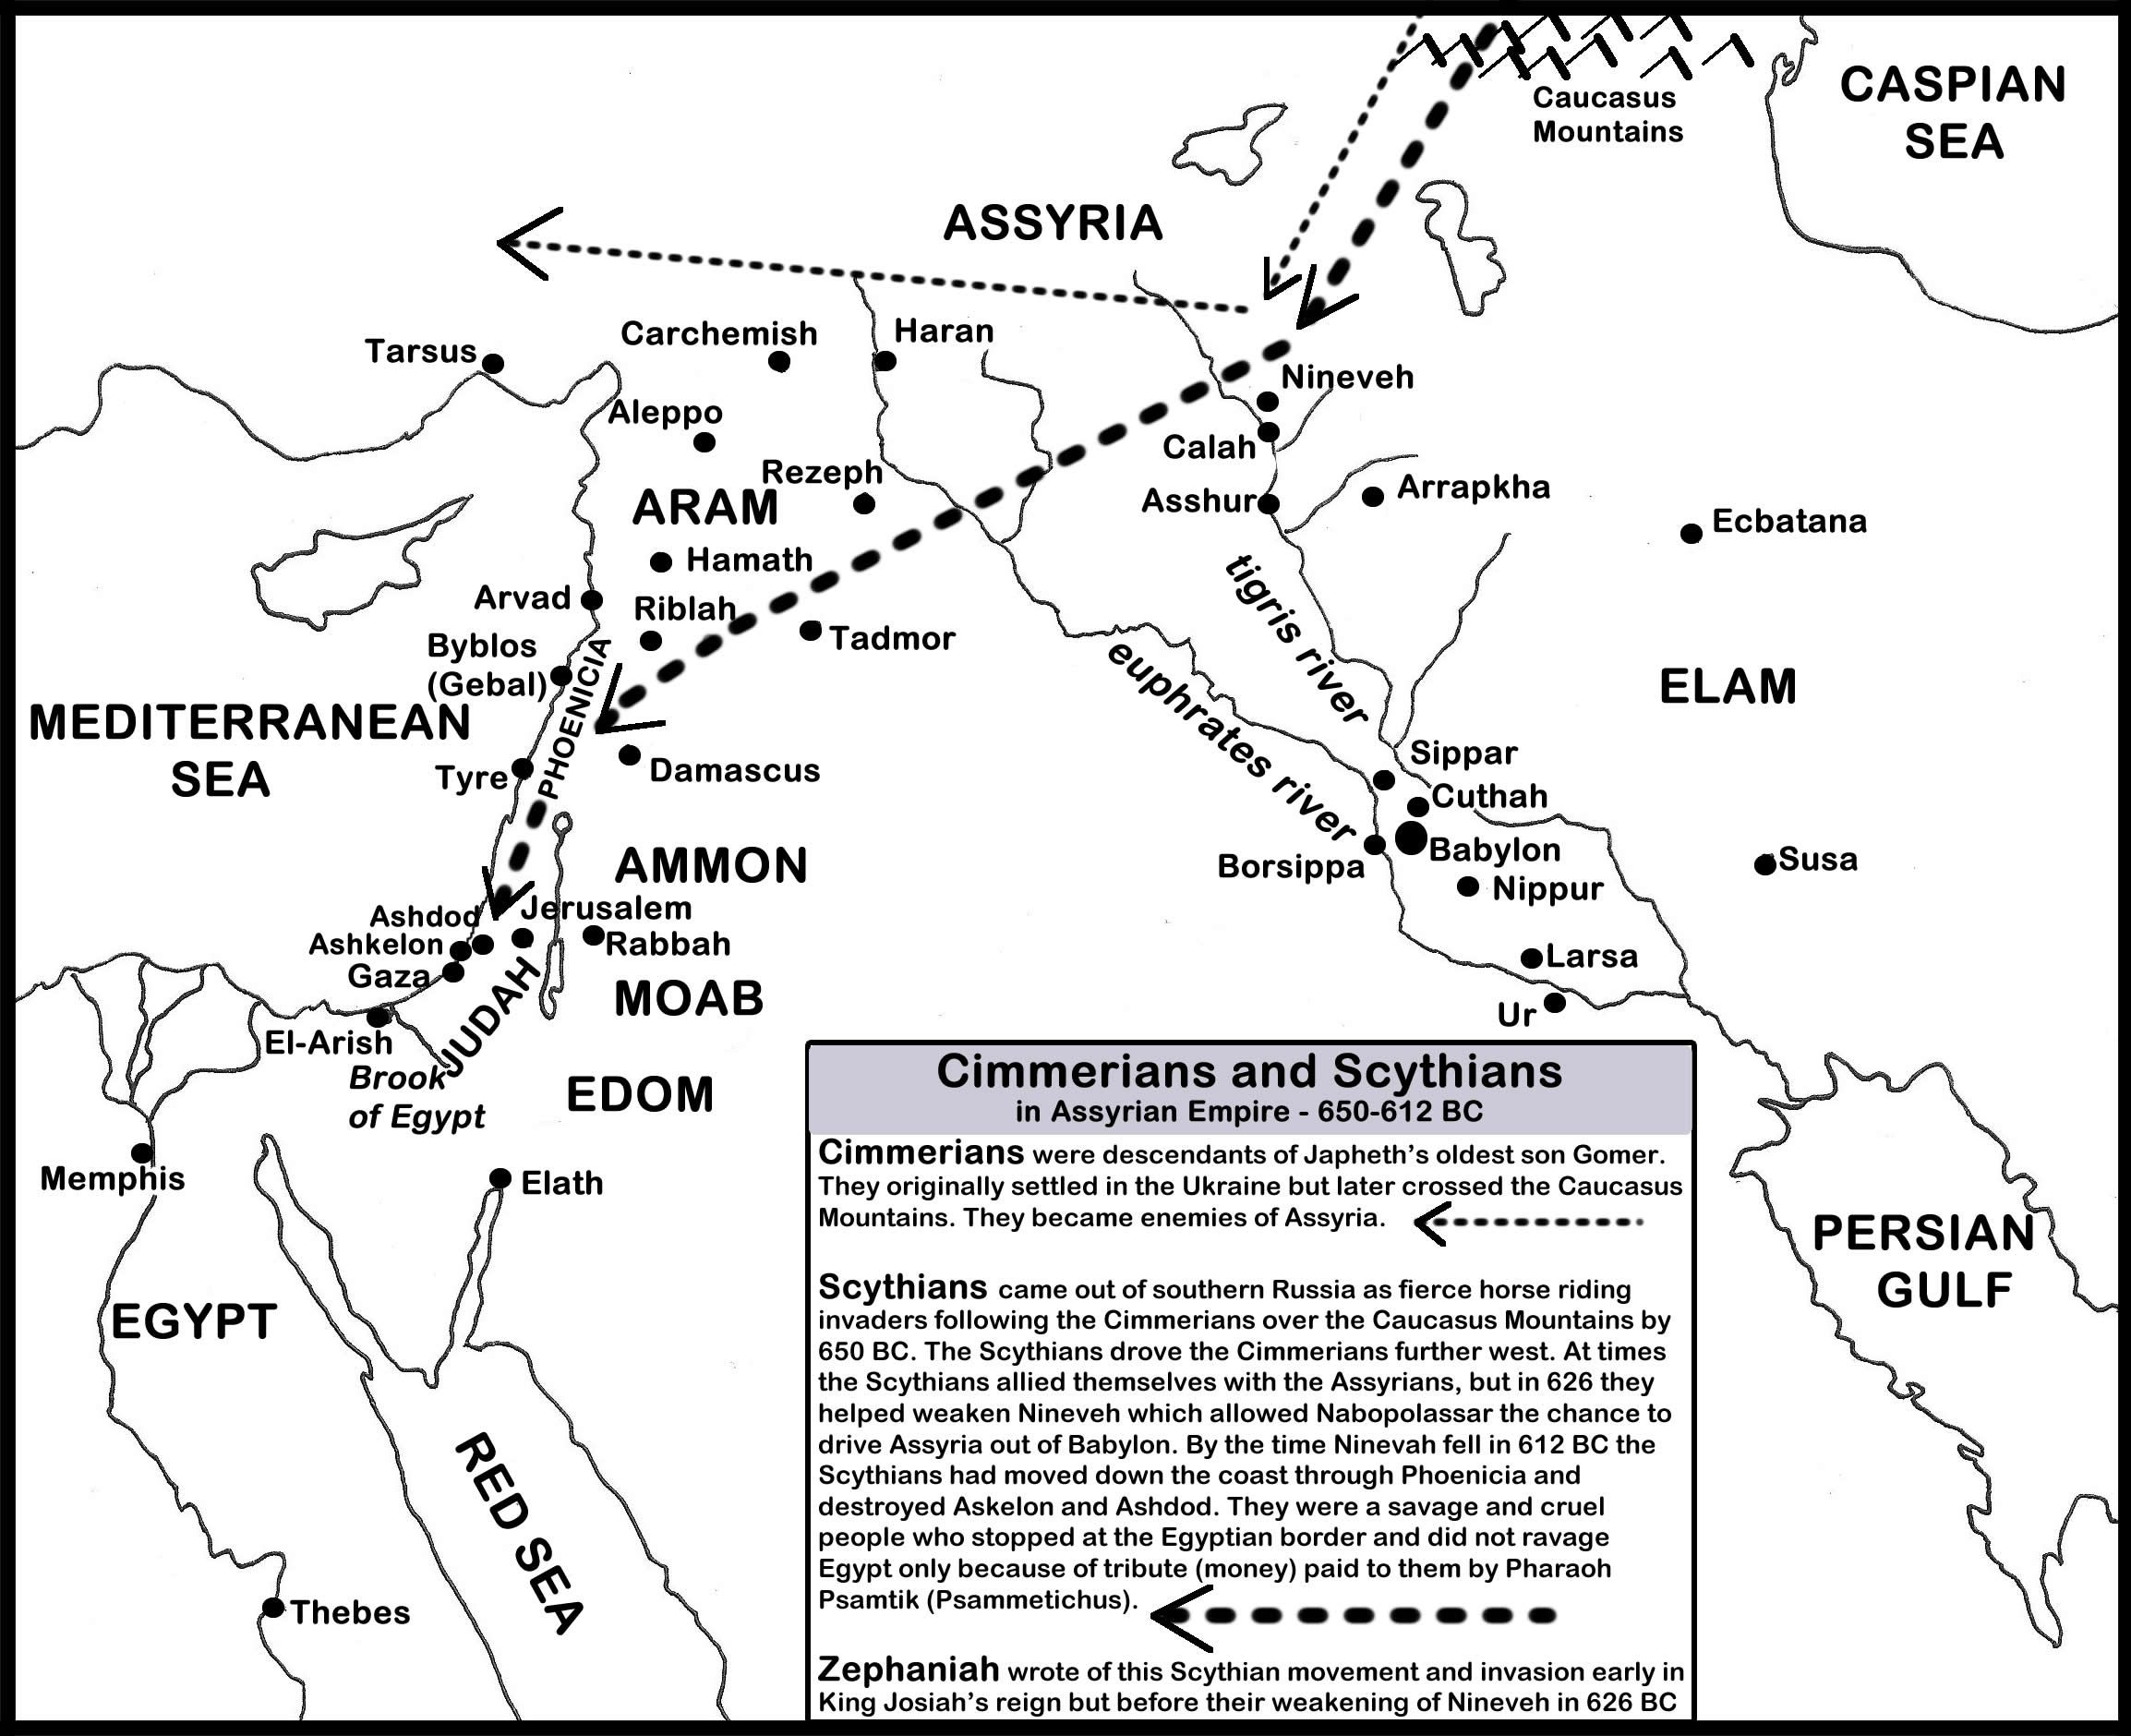 Power Shift Between Empires